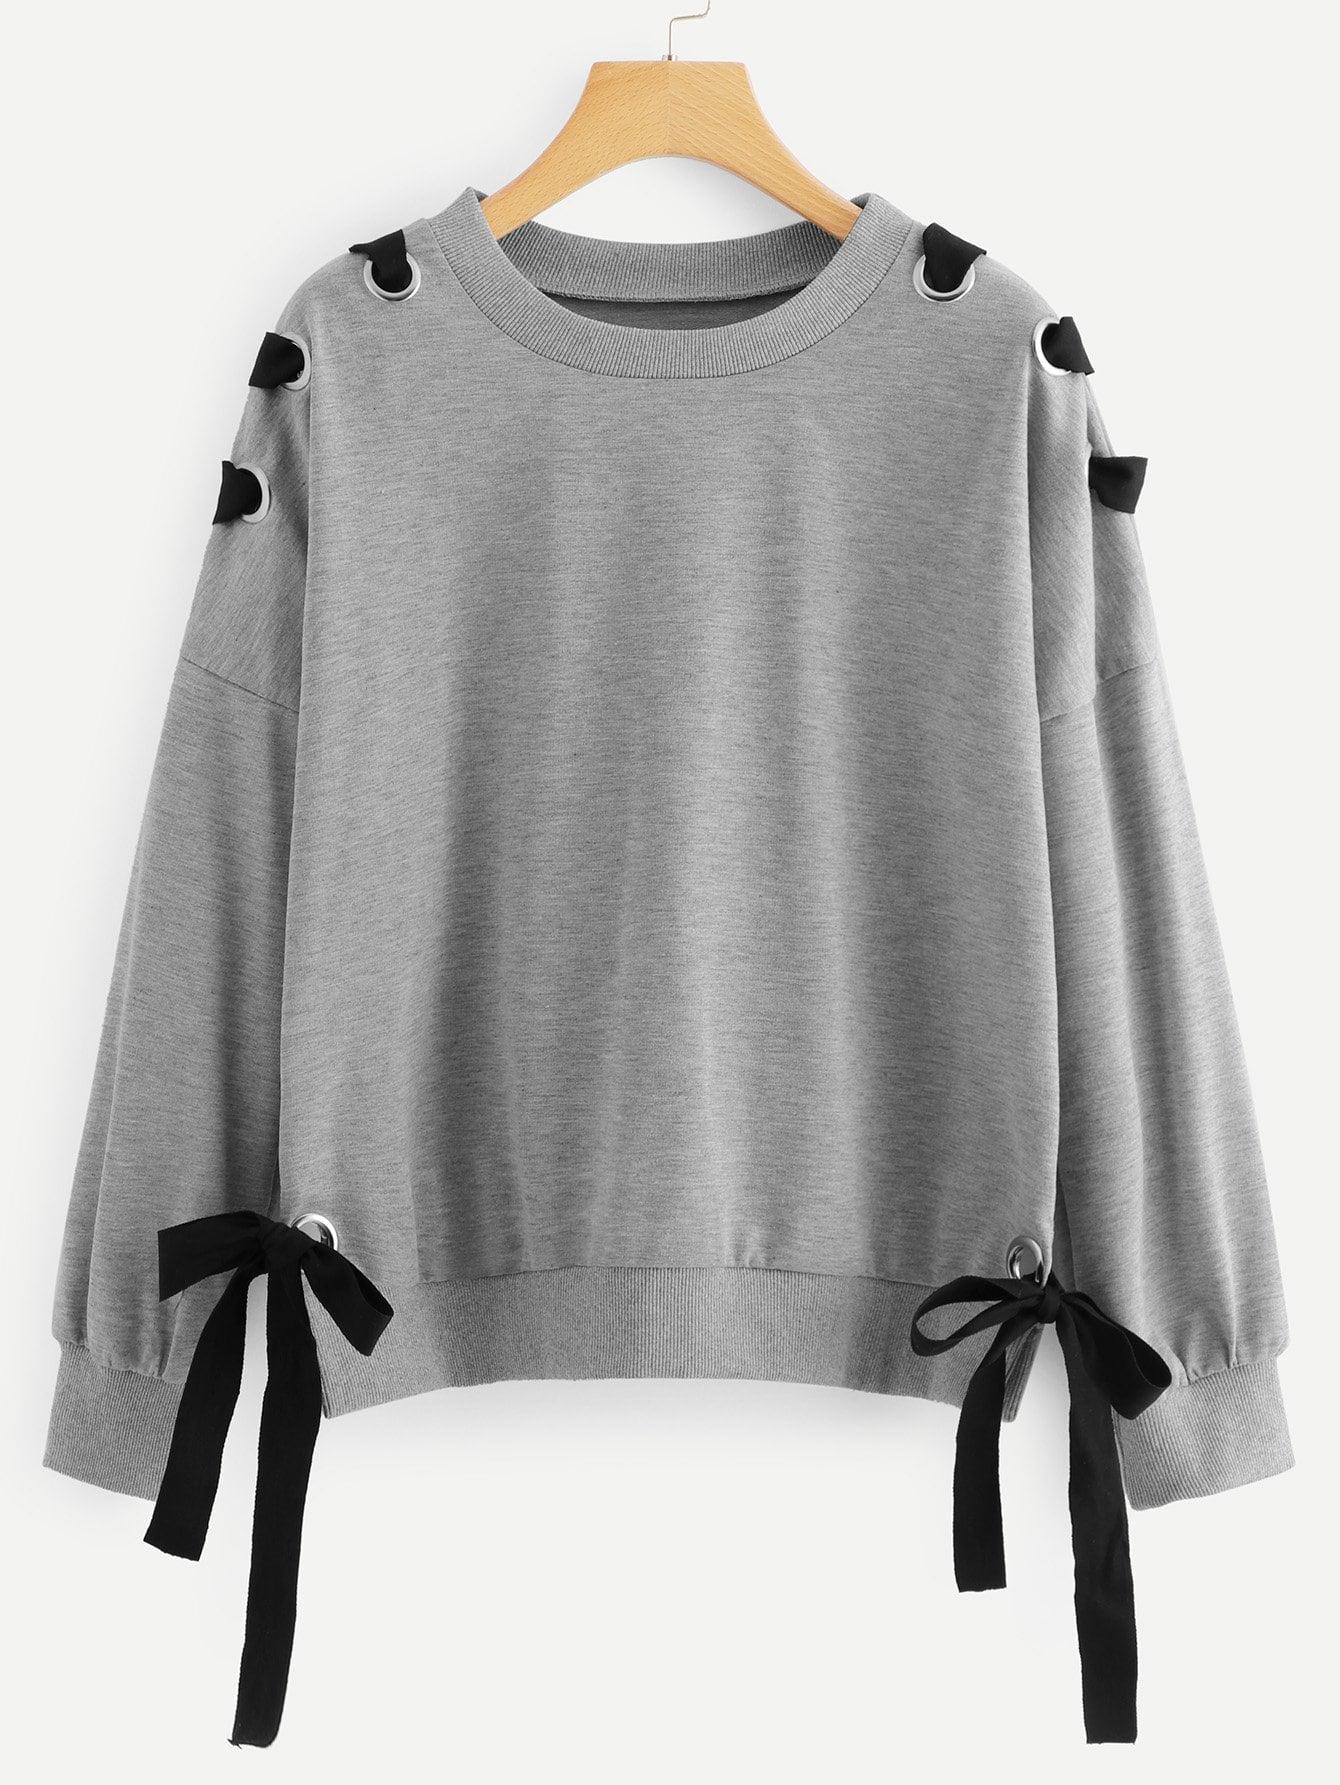 Sweatshirt mit sehr tief angesetzter Schulterpartie und Knoten auf den Seiten